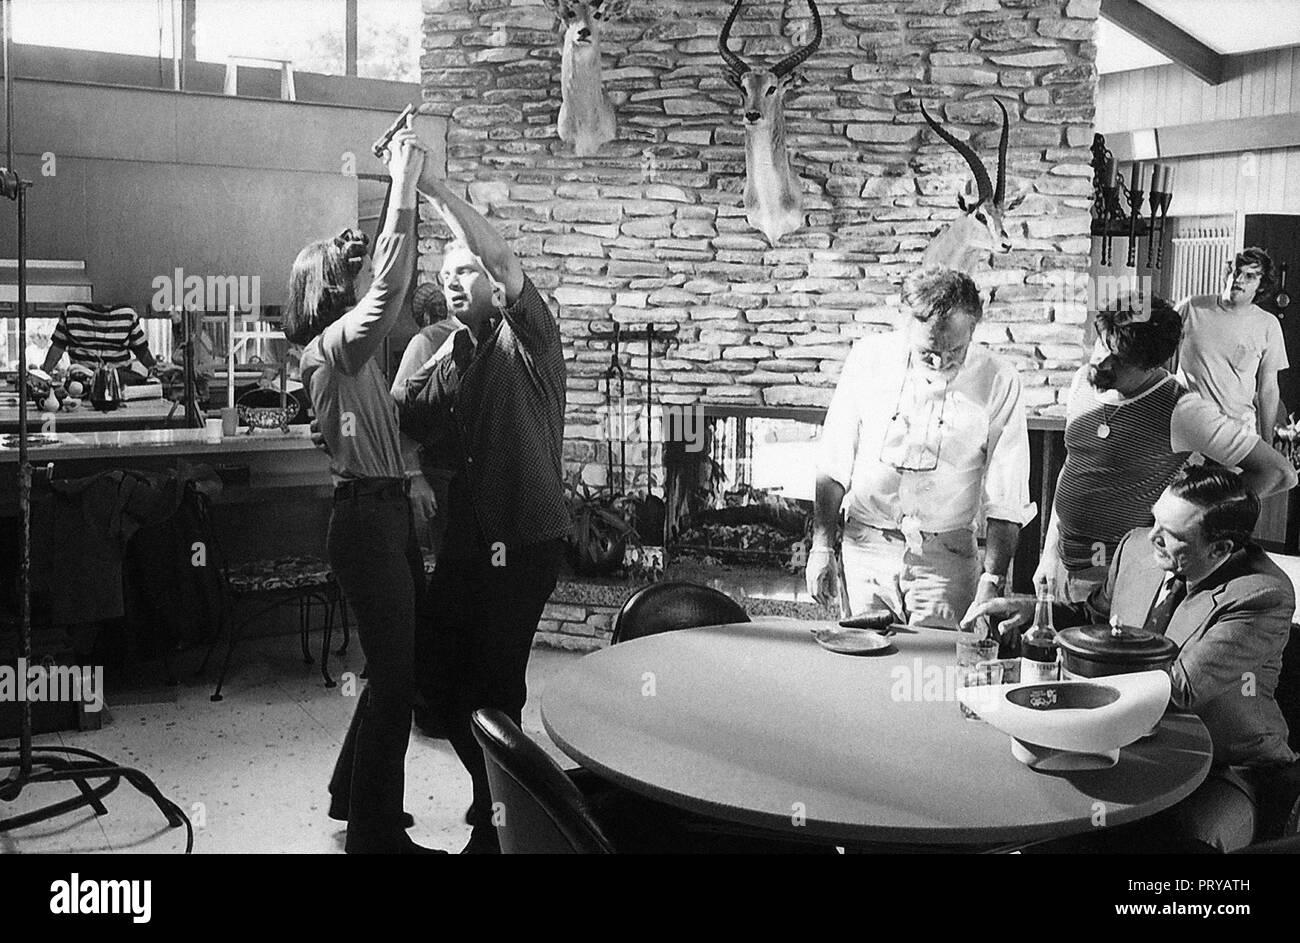 Prod DB © Solar Production / DR GUET-APENS THE GETAWAY de Sam Peckinpah 1972 USA Ali MacGraw Steve McQueen Sam Peckinpah Ben Johnson sur le tournage d - Stock Image